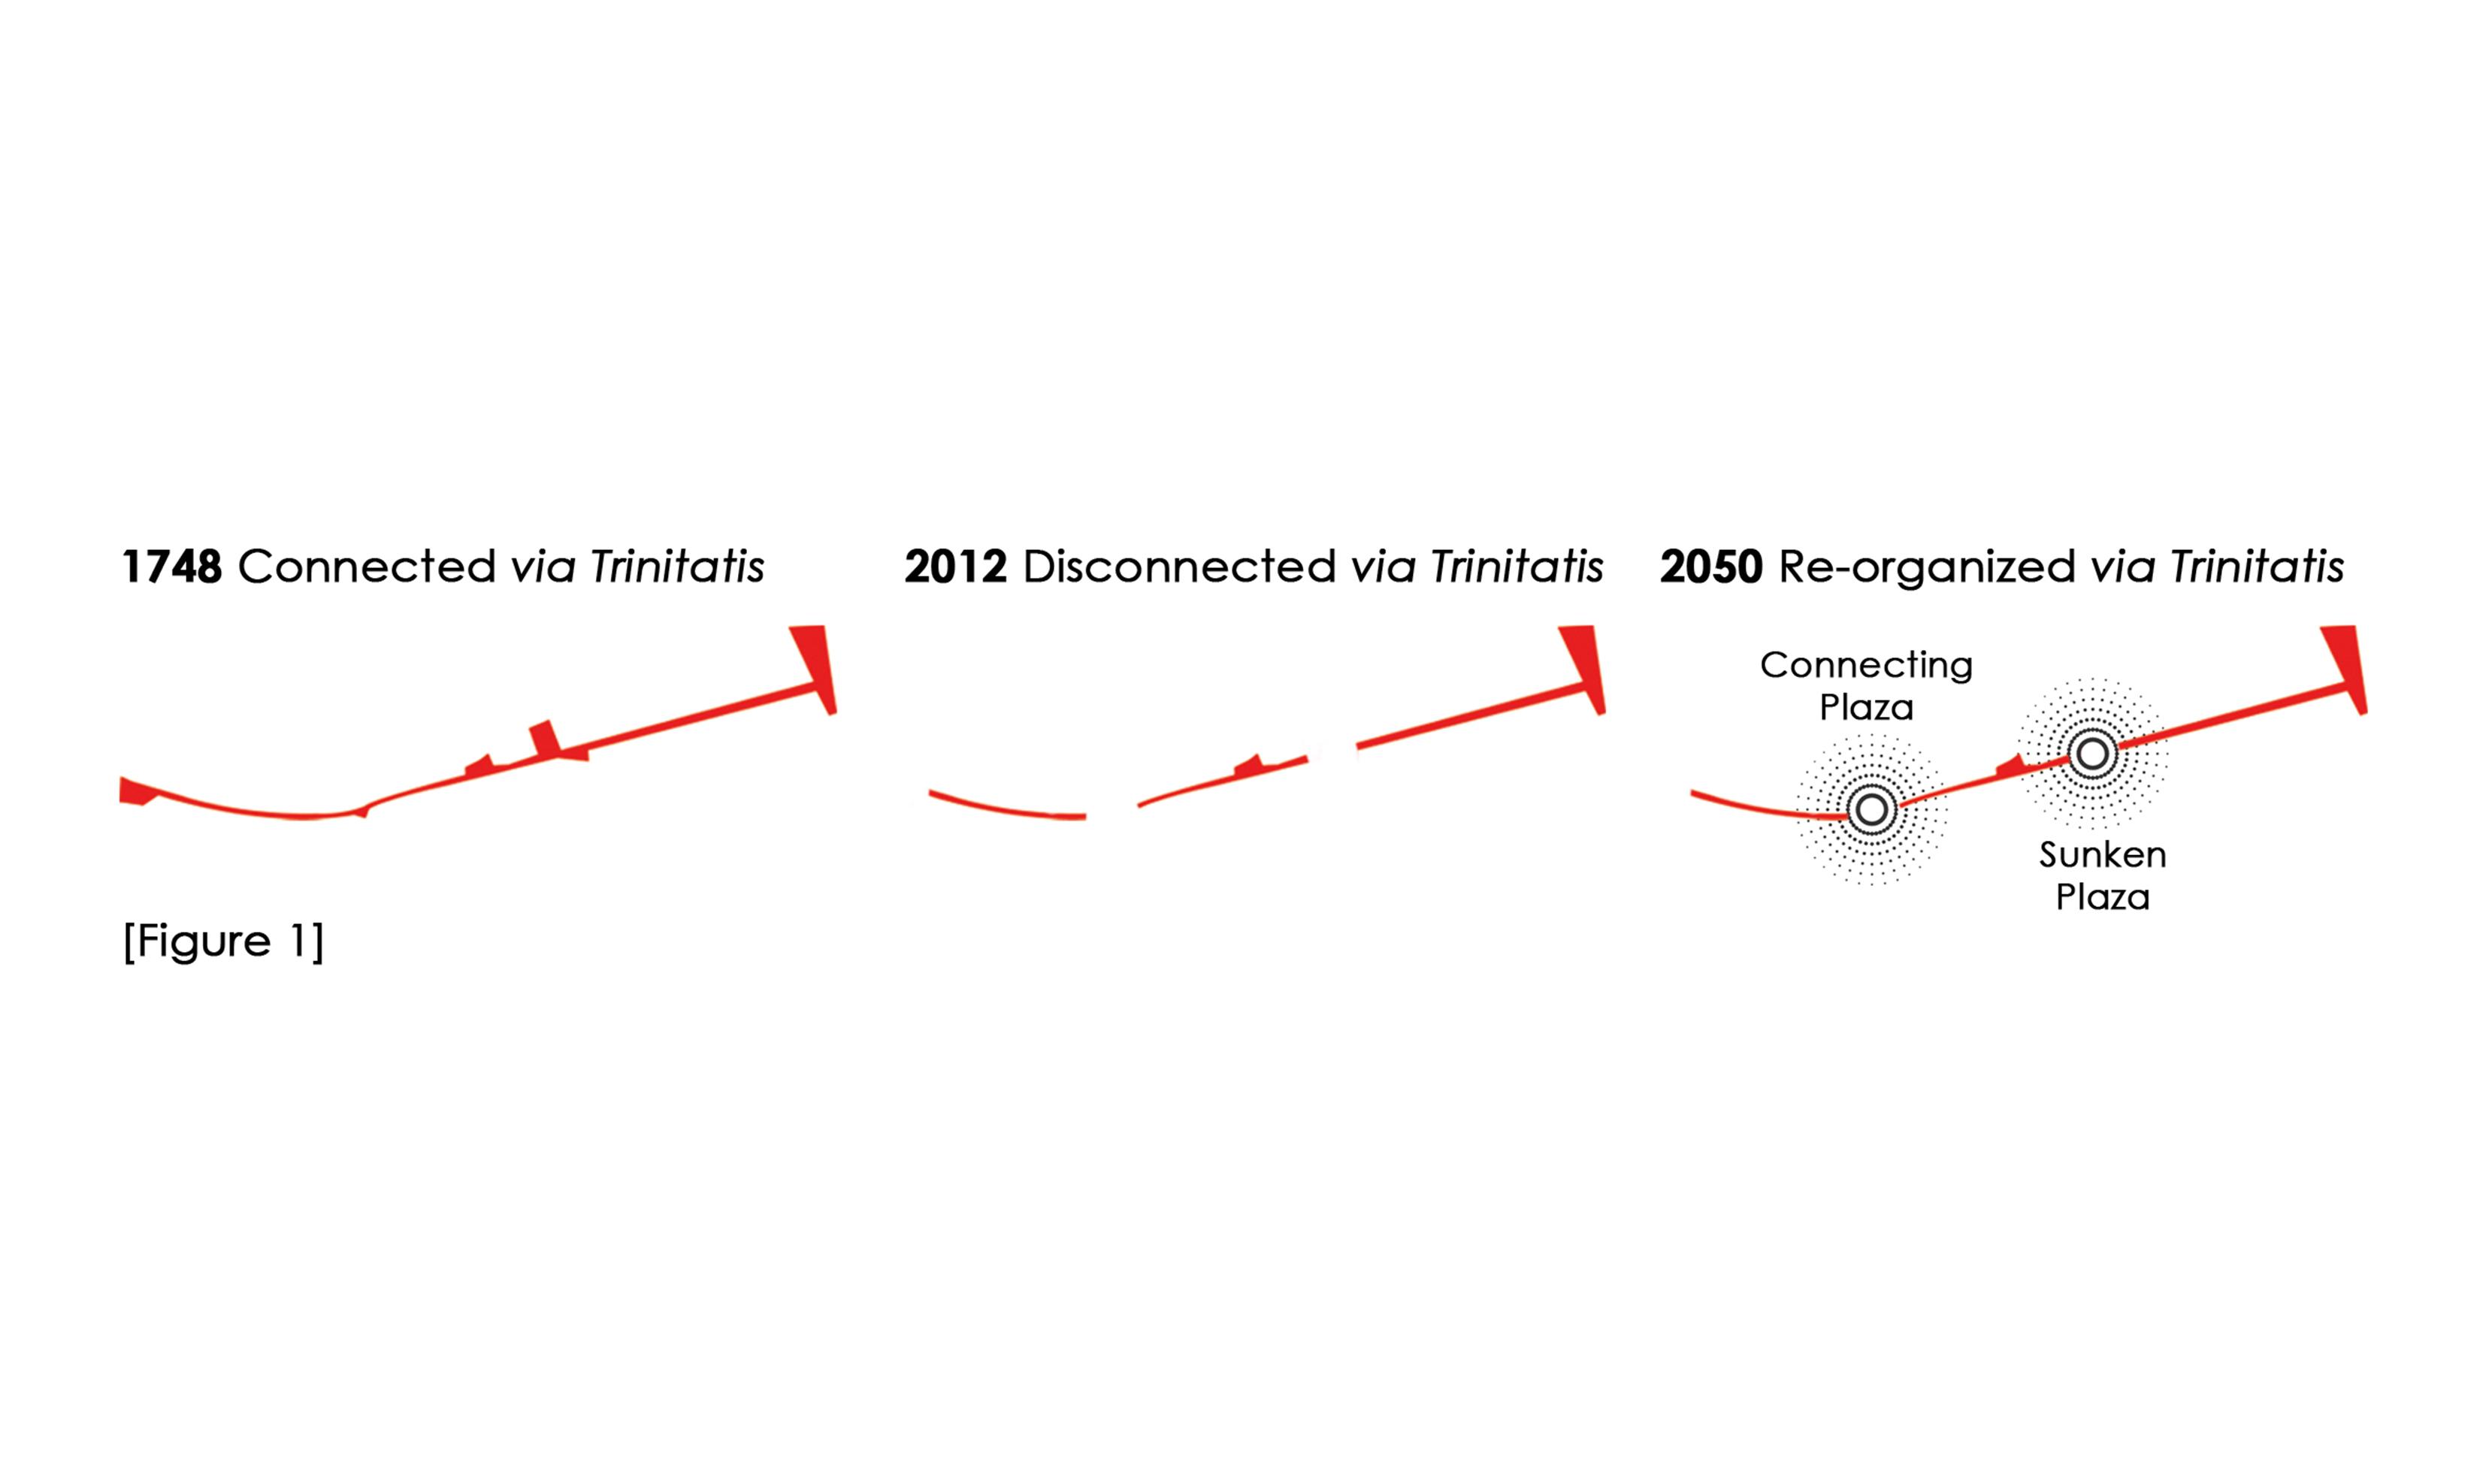 Via Trinitatis Timeline